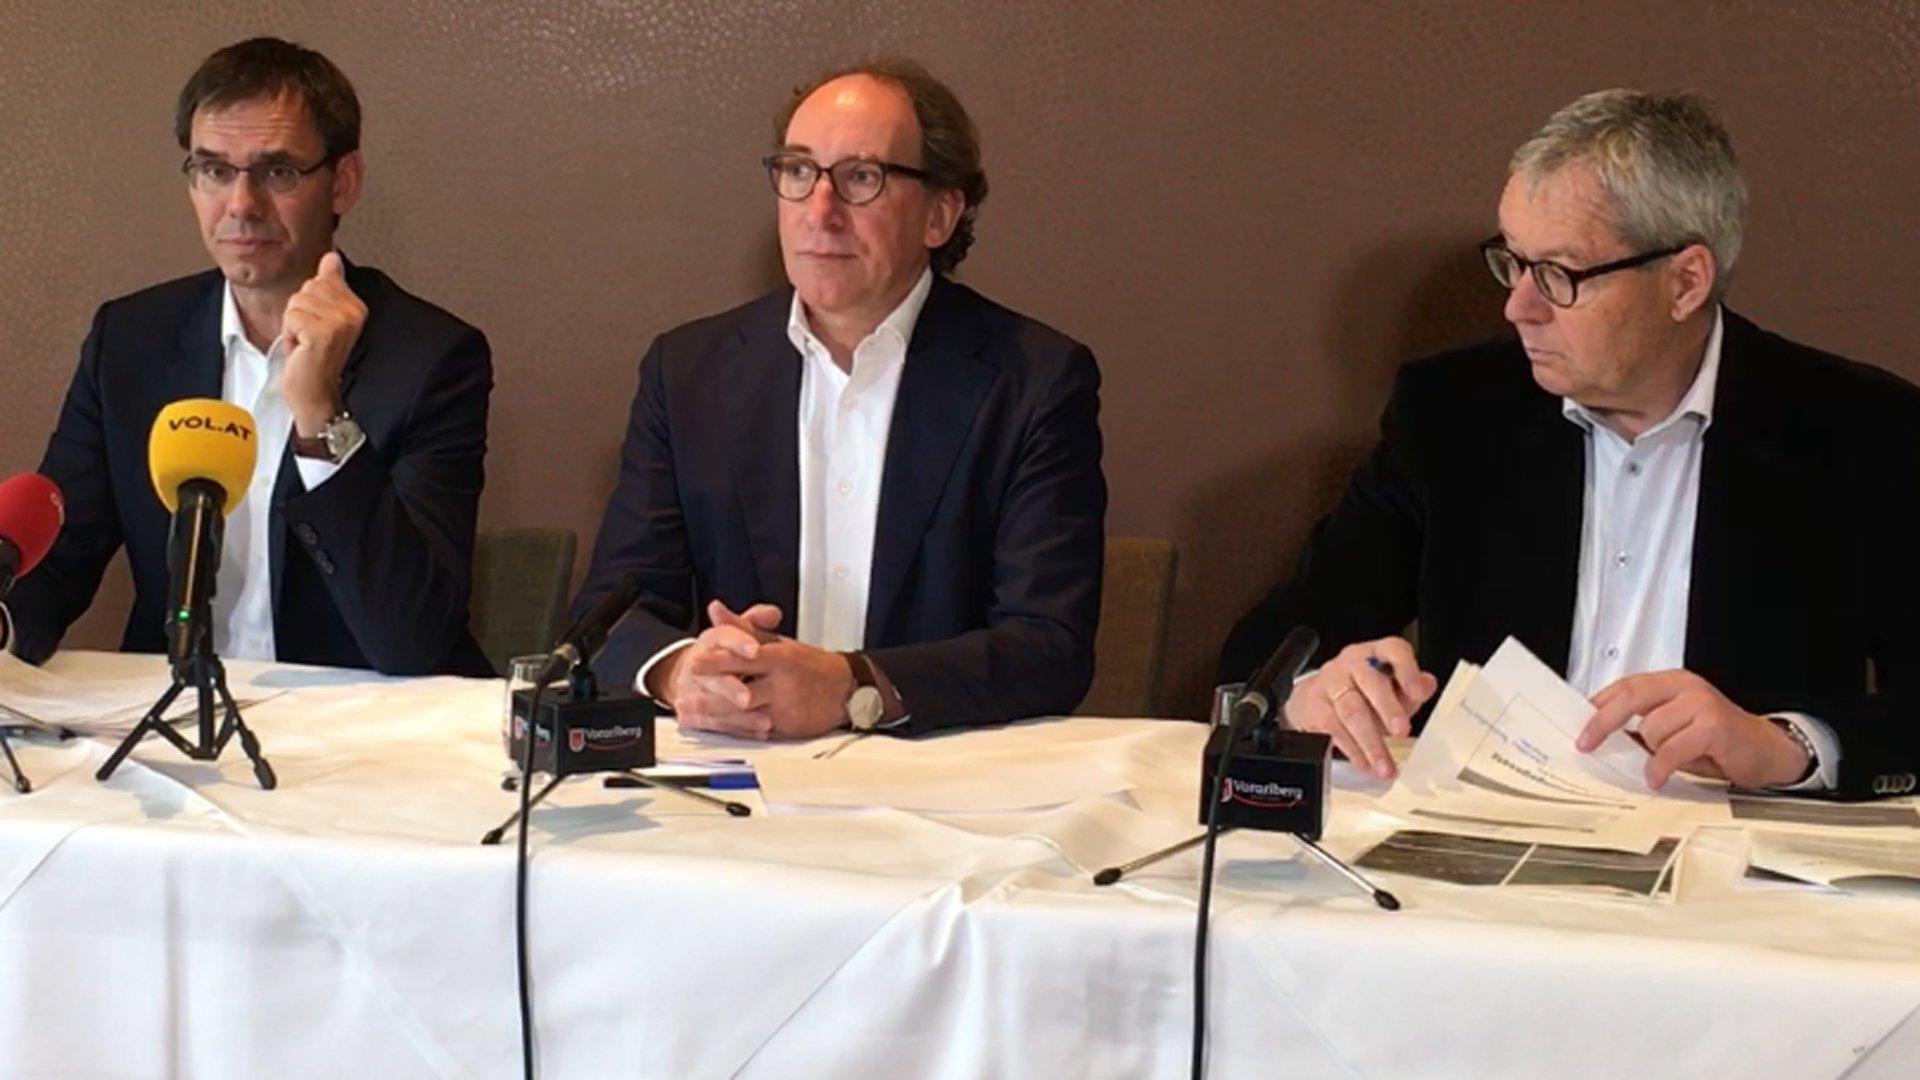 Vorarlberger Landesregierung präsentiert Ergebnisse der Regierungsklausur